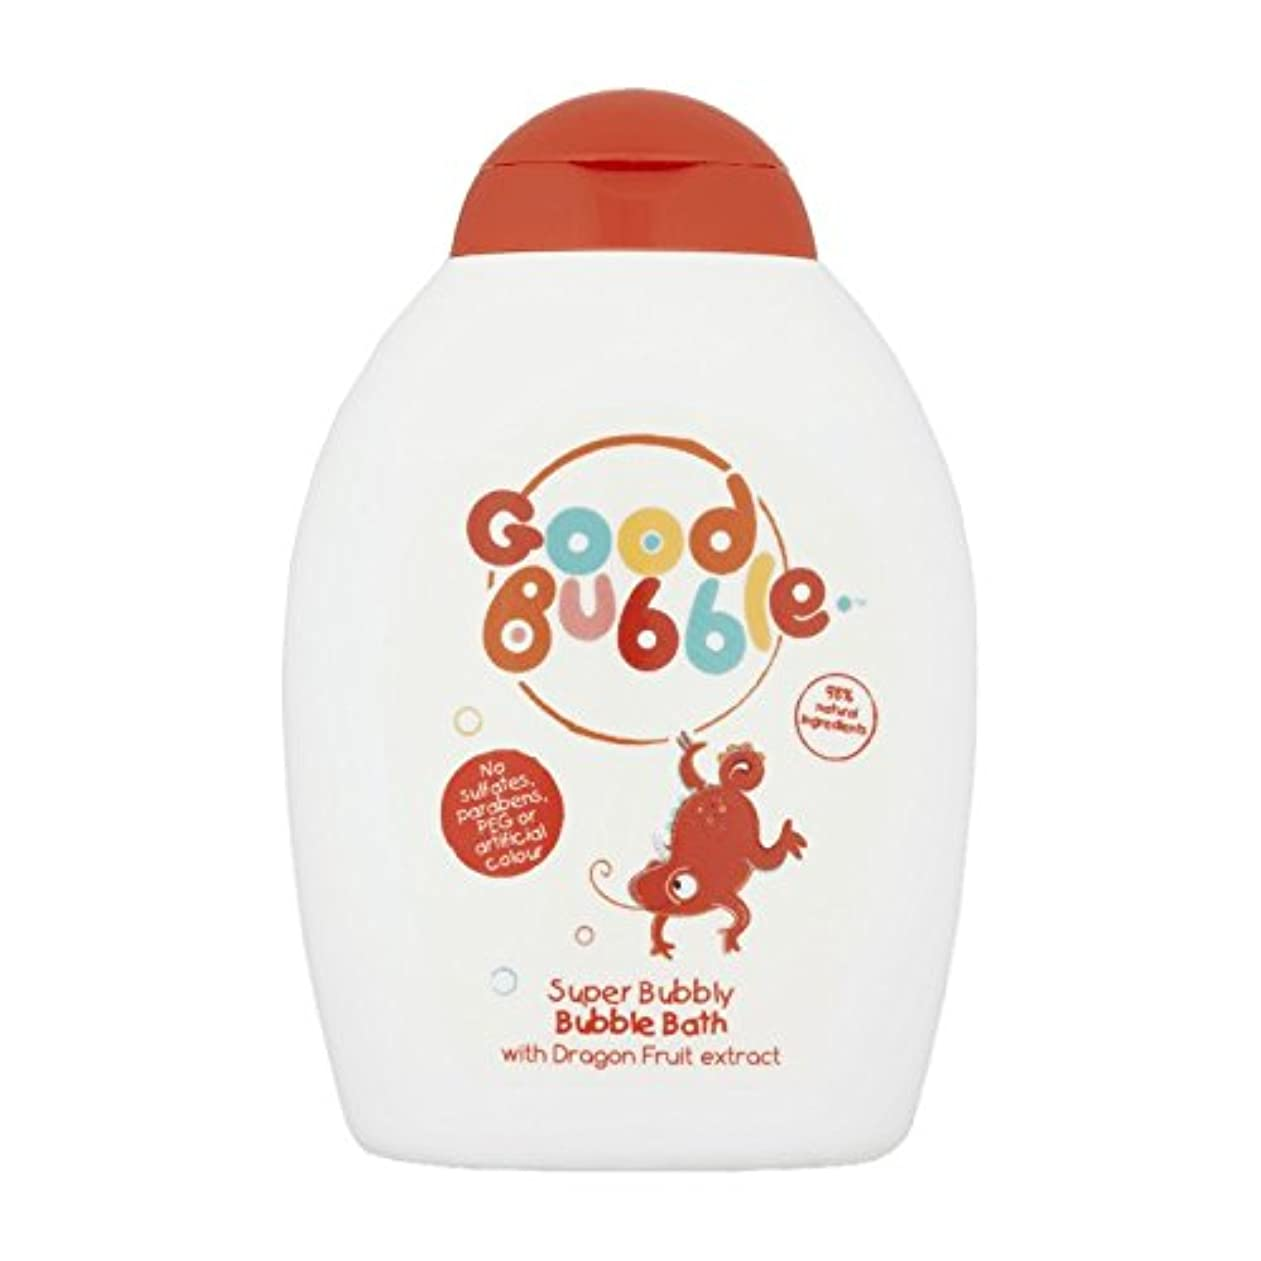 シティ教授部分的にGood Bubble Dragon Fruit Bubble Bath 400ml (Pack of 6) - 良いバブルドラゴンフルーツバブルバス400ミリリットル (x6) [並行輸入品]